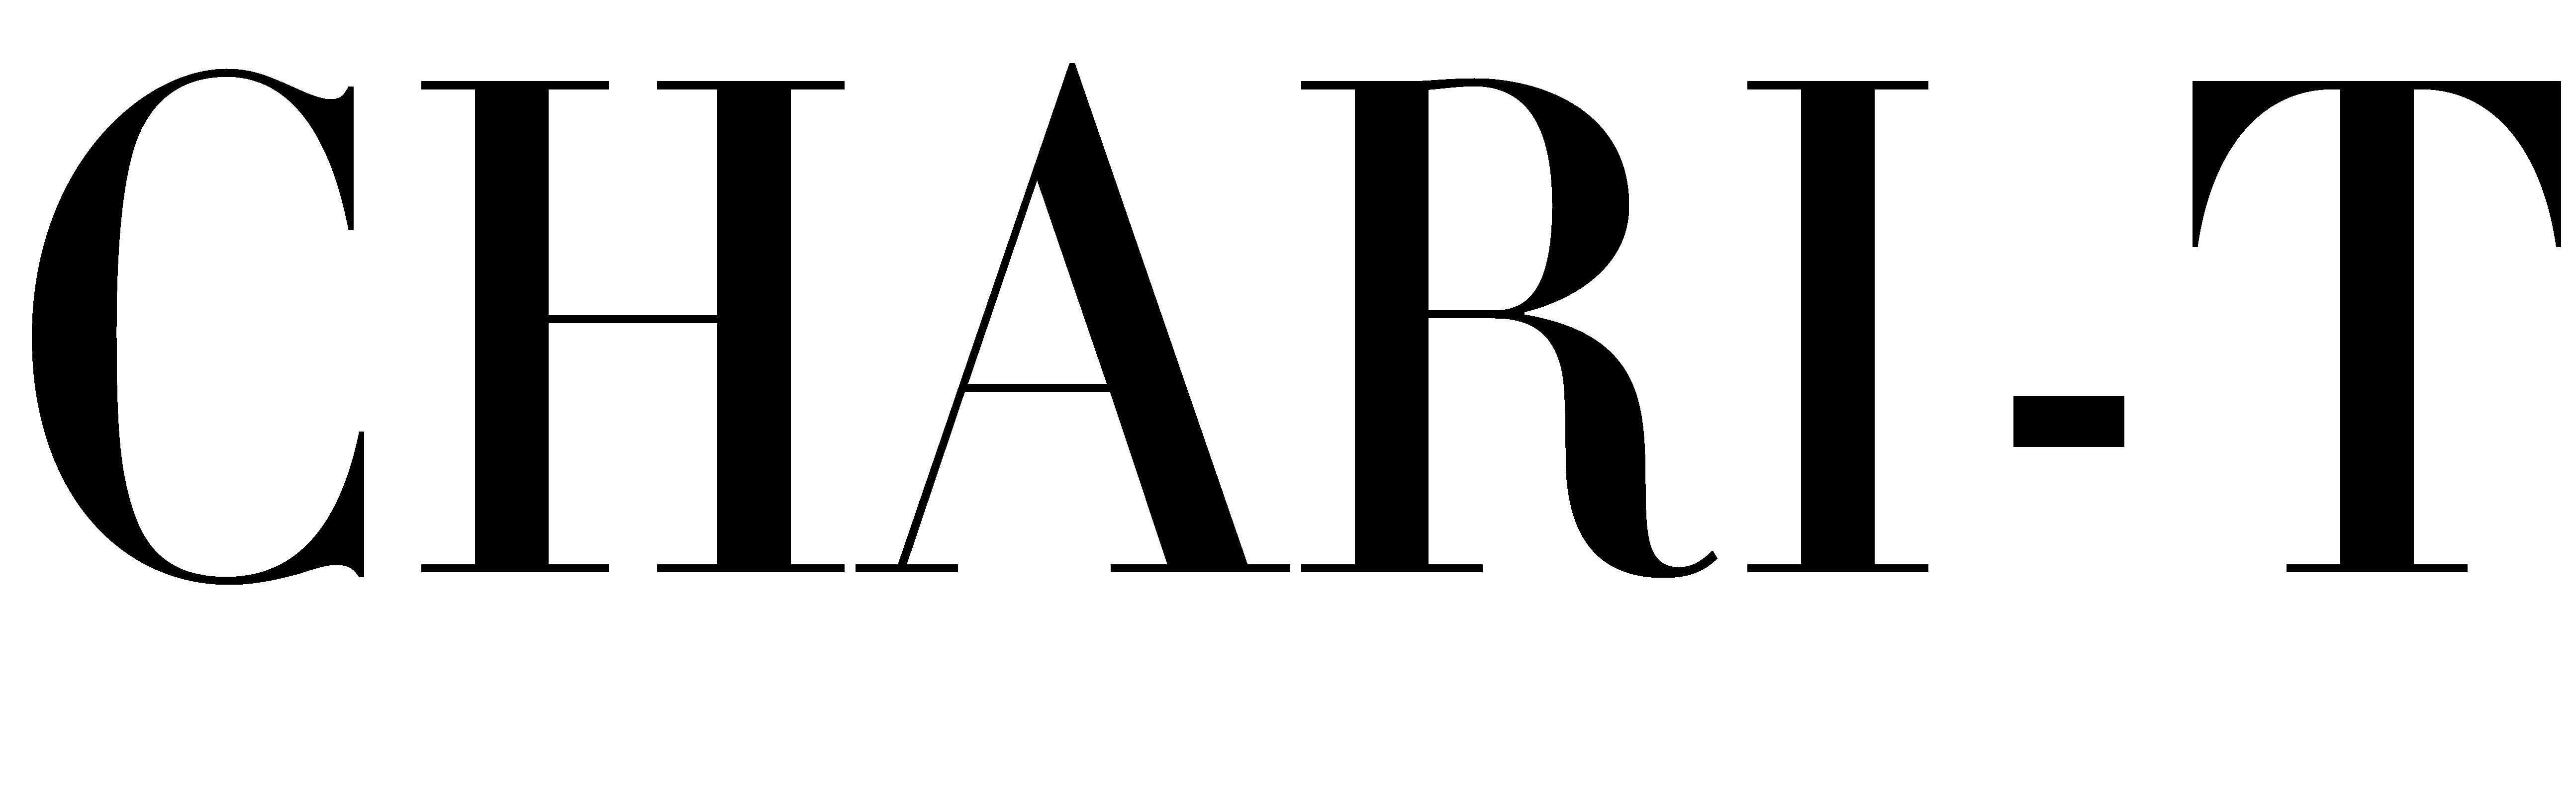 Chari-T